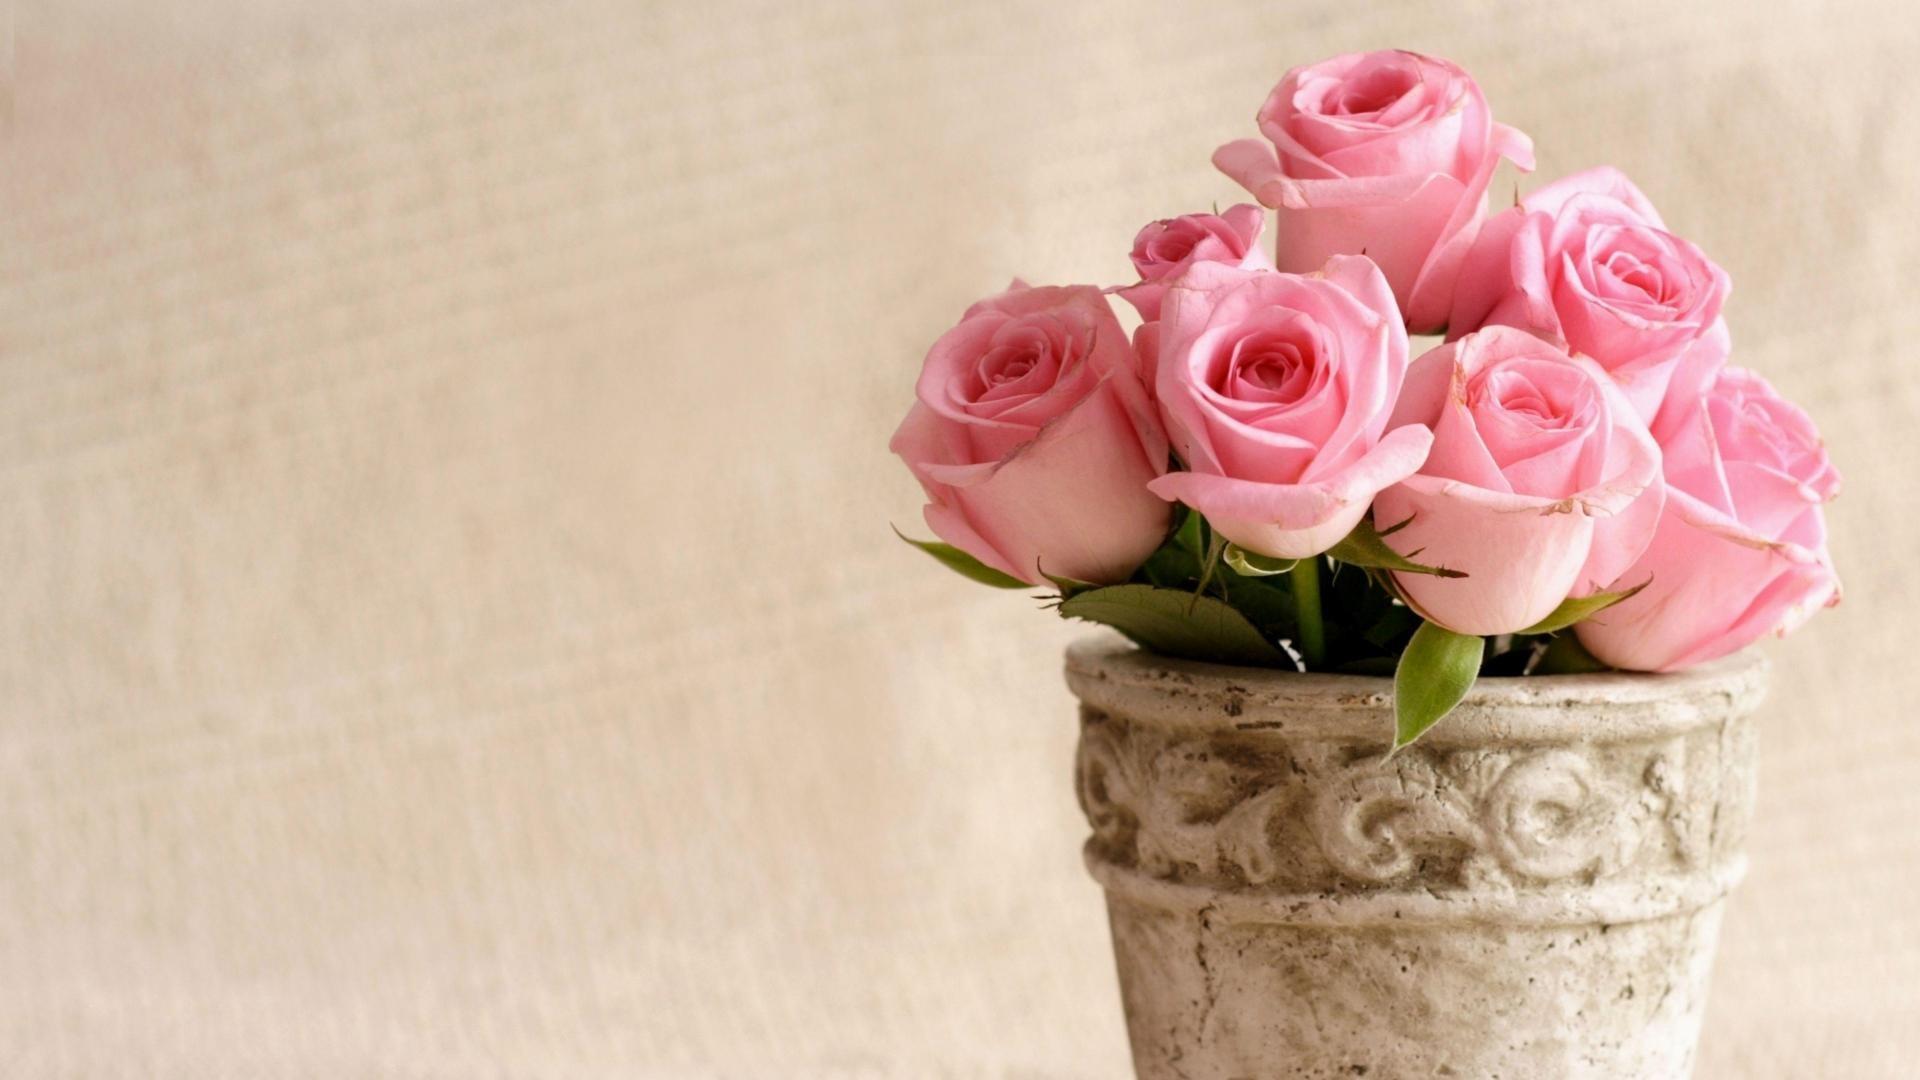 7. peonies-flower-wallpaper7-600×338